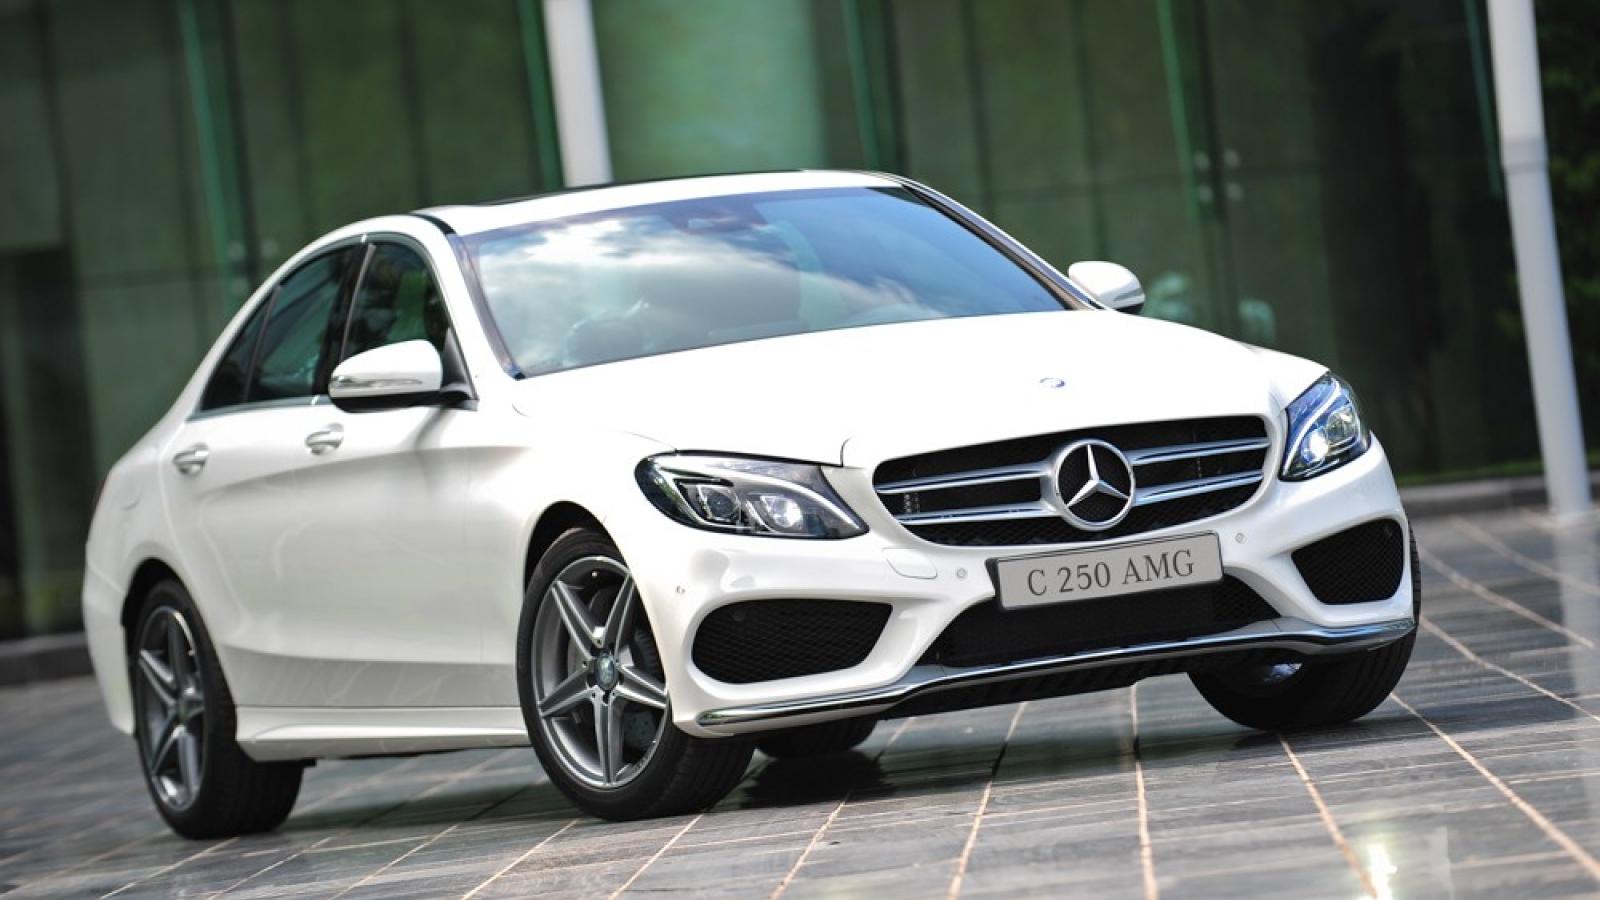 Hơn 3.000 xe Mercedes-Benz C-Class và GLK phải triệu hồi vì lỗi túi khí